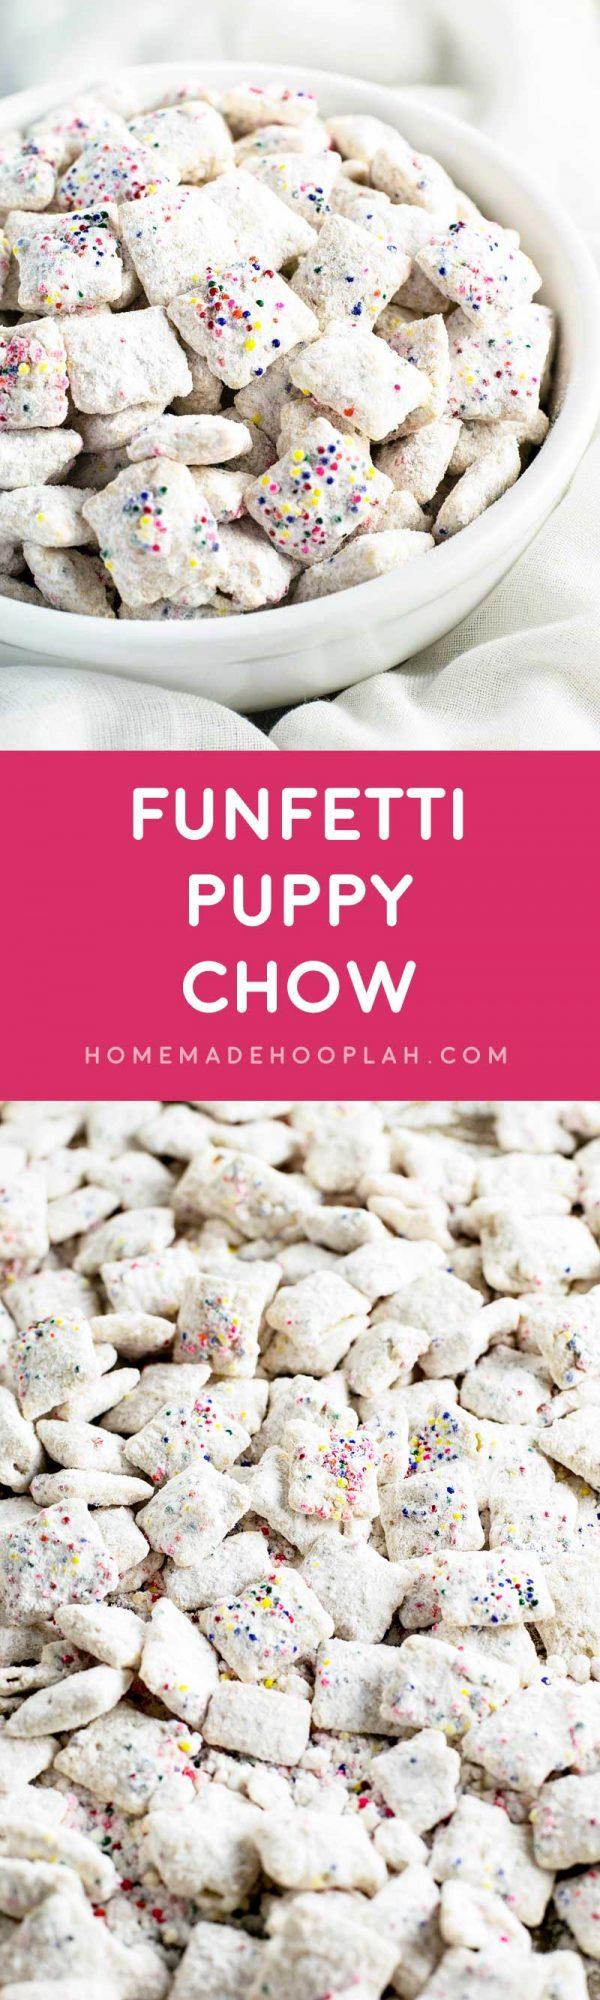 Funfetti Cake Mix Puppy Chow Recipe